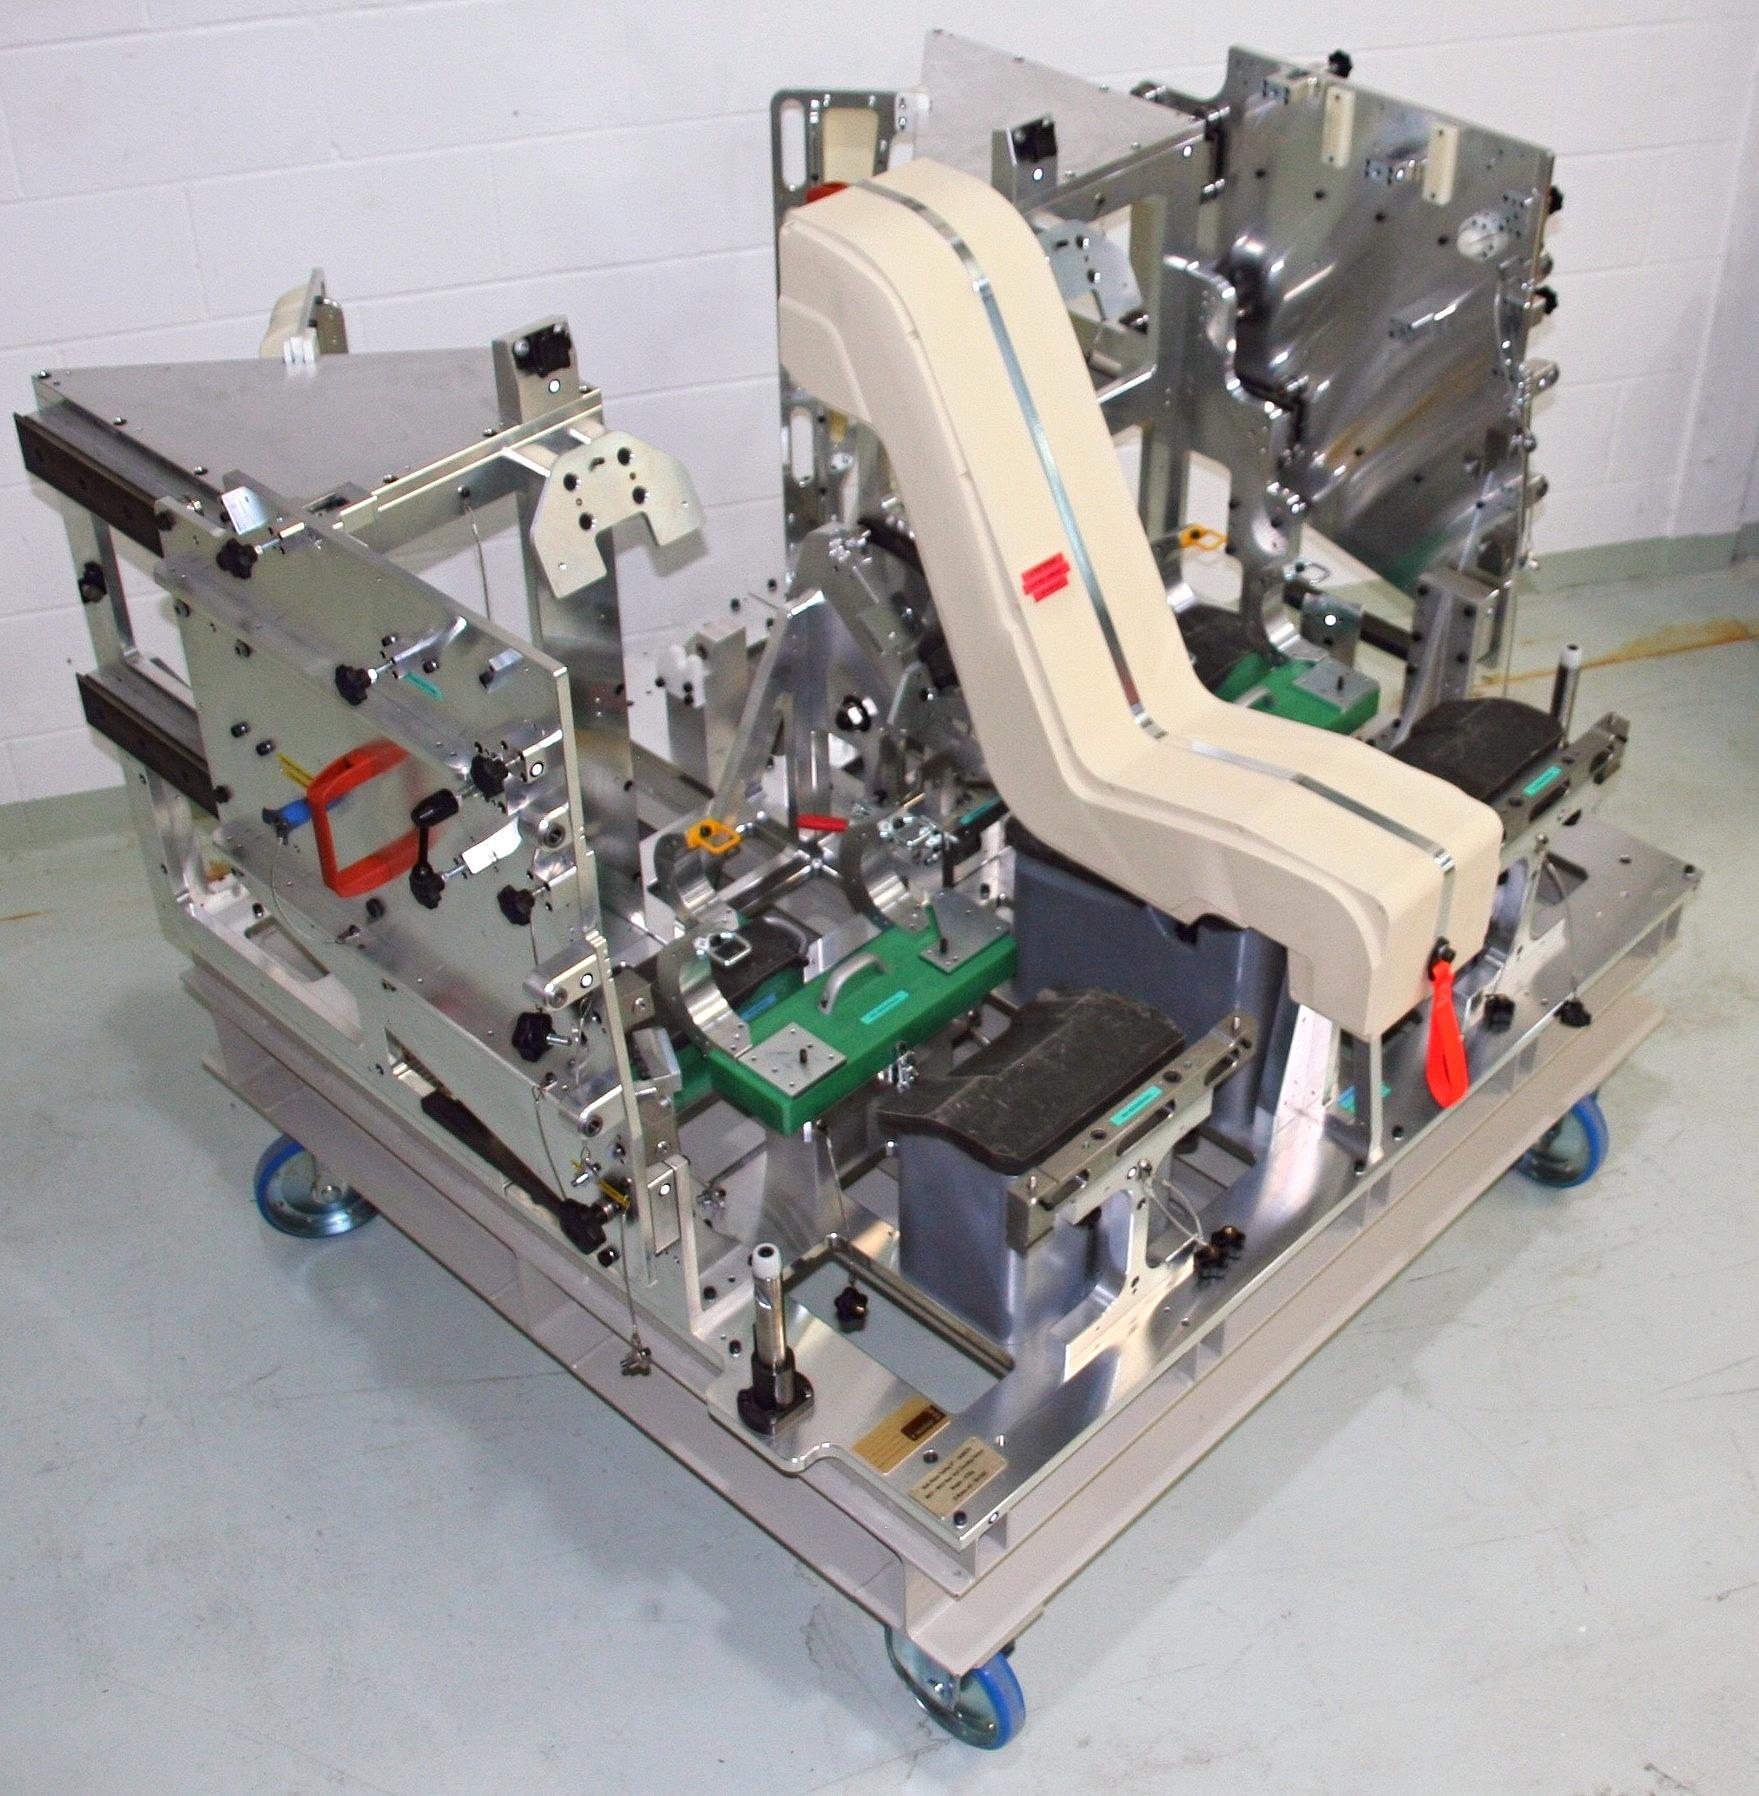 AUTOMOTIVE REAR SEAT FIXTURE